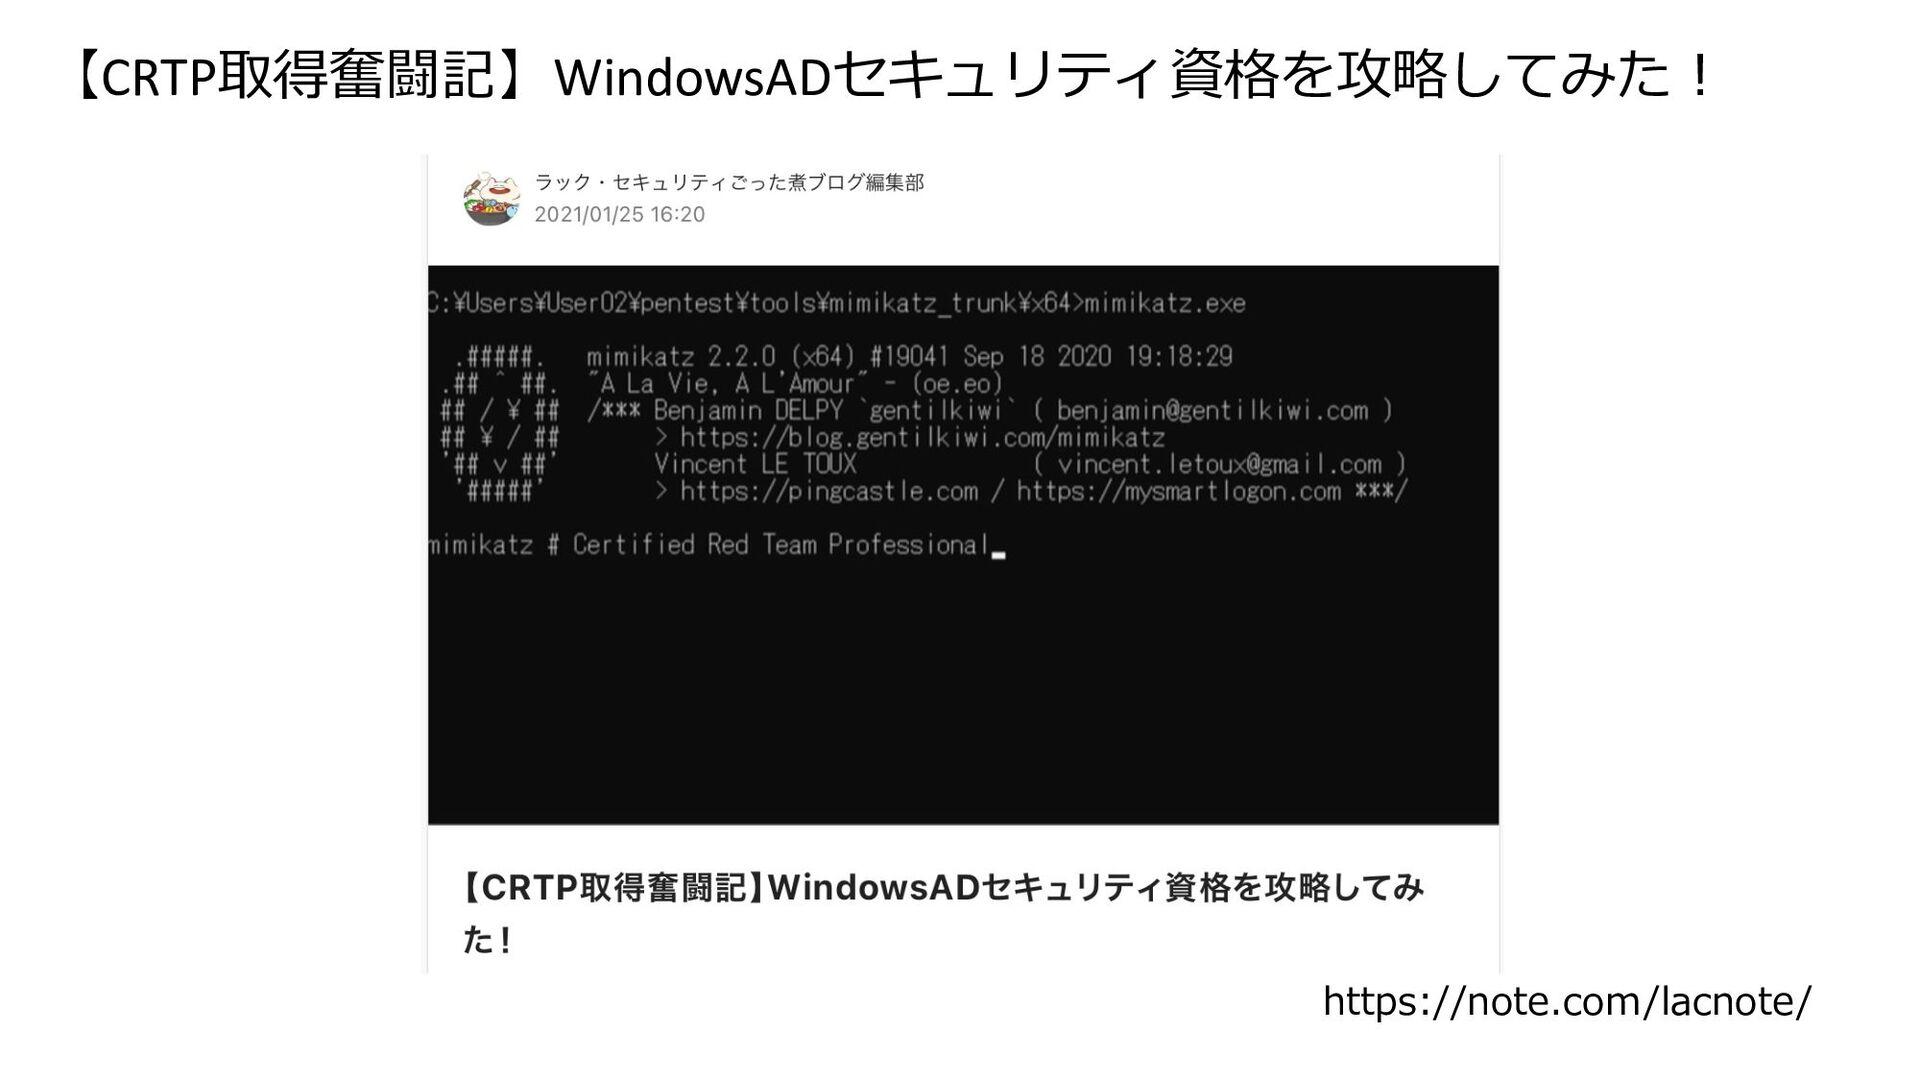 【CRTP取得奮闘記】WindowsADセキュリティ資格を攻略してみた︕ https://no...